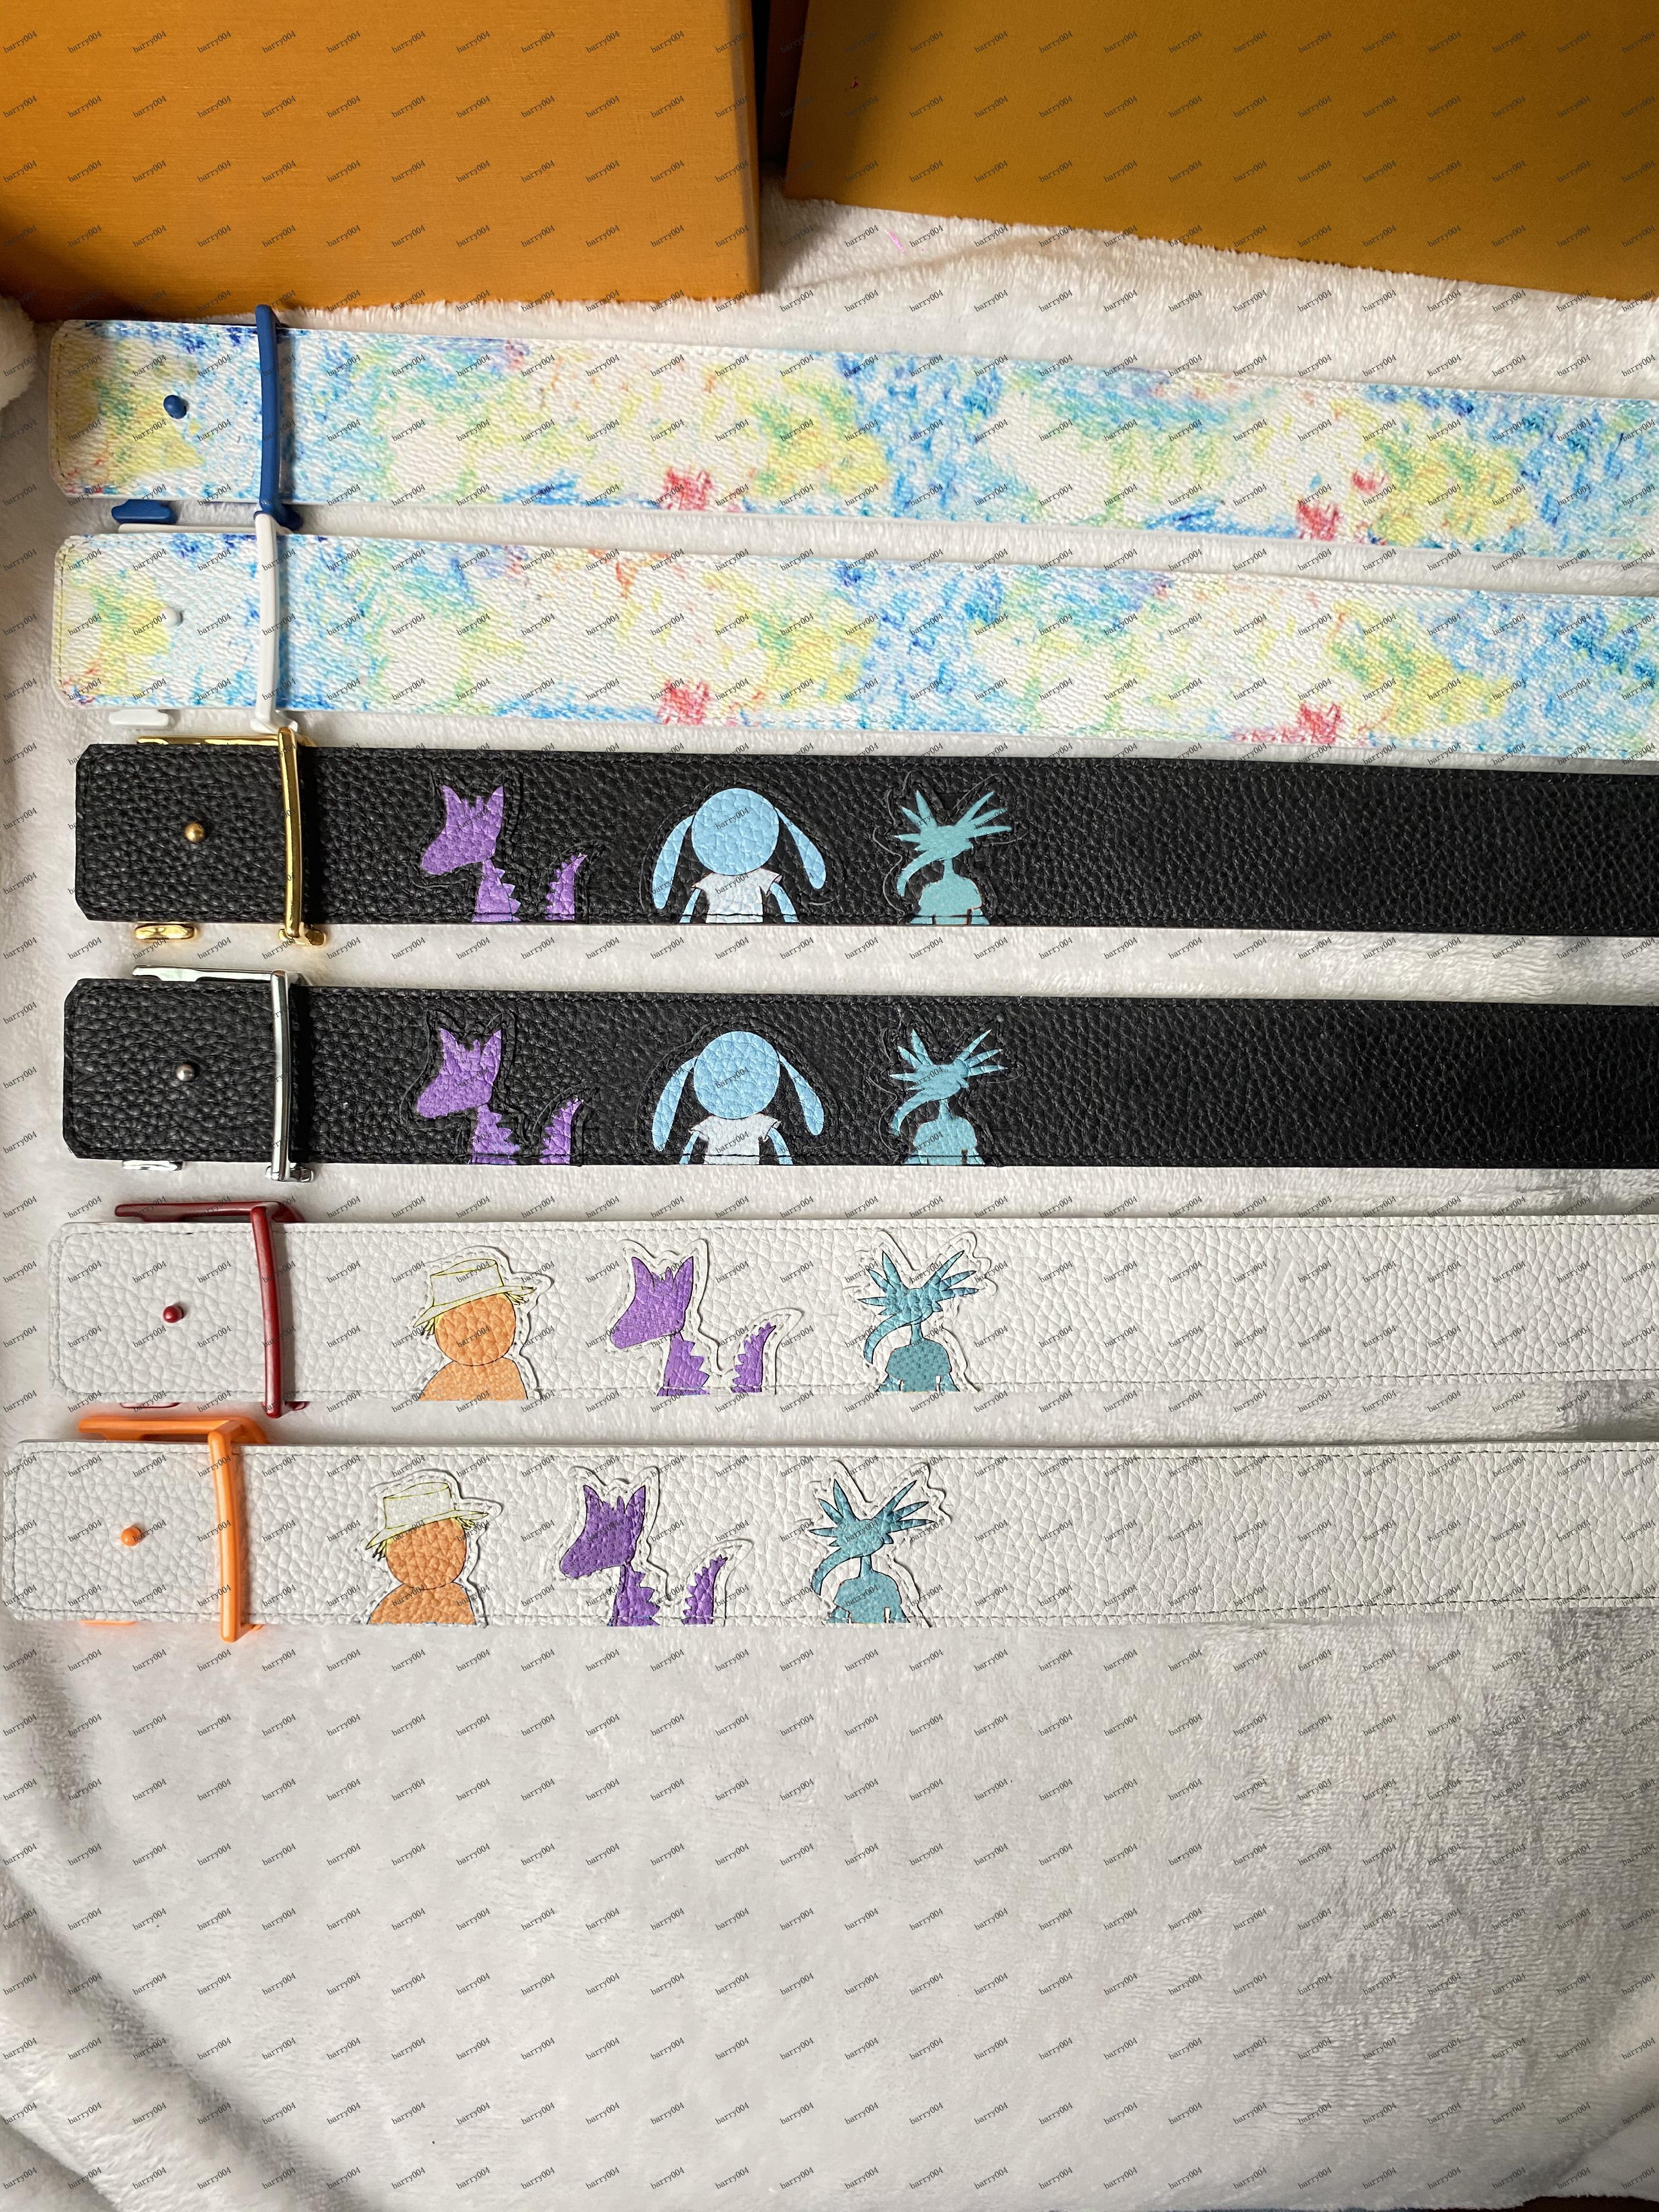 الأزياء عارضة حزام الكرفتي الكتابة على الجدران، عرض 4.0، أحزمة أسلوب الاختيار من متعدد، أحجام من 90 إلى 110 يورو